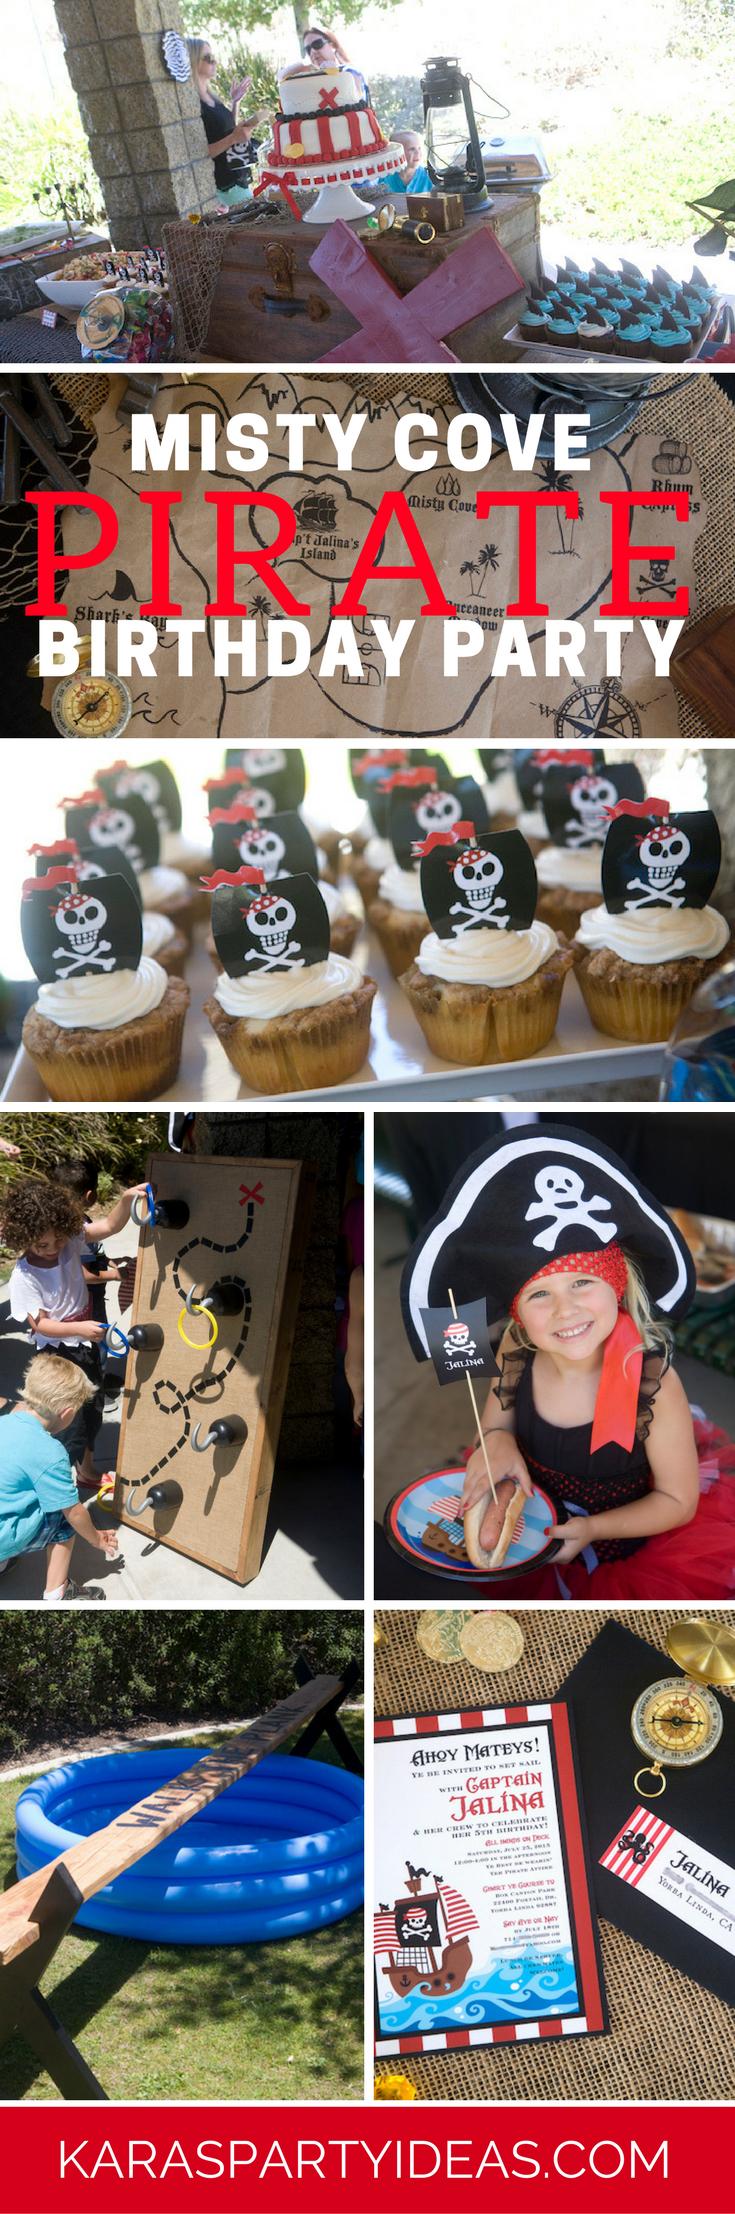 Misty Cove Pirate Birthday Party via Kara's Party Ideas - KarasPartyIdeas.com